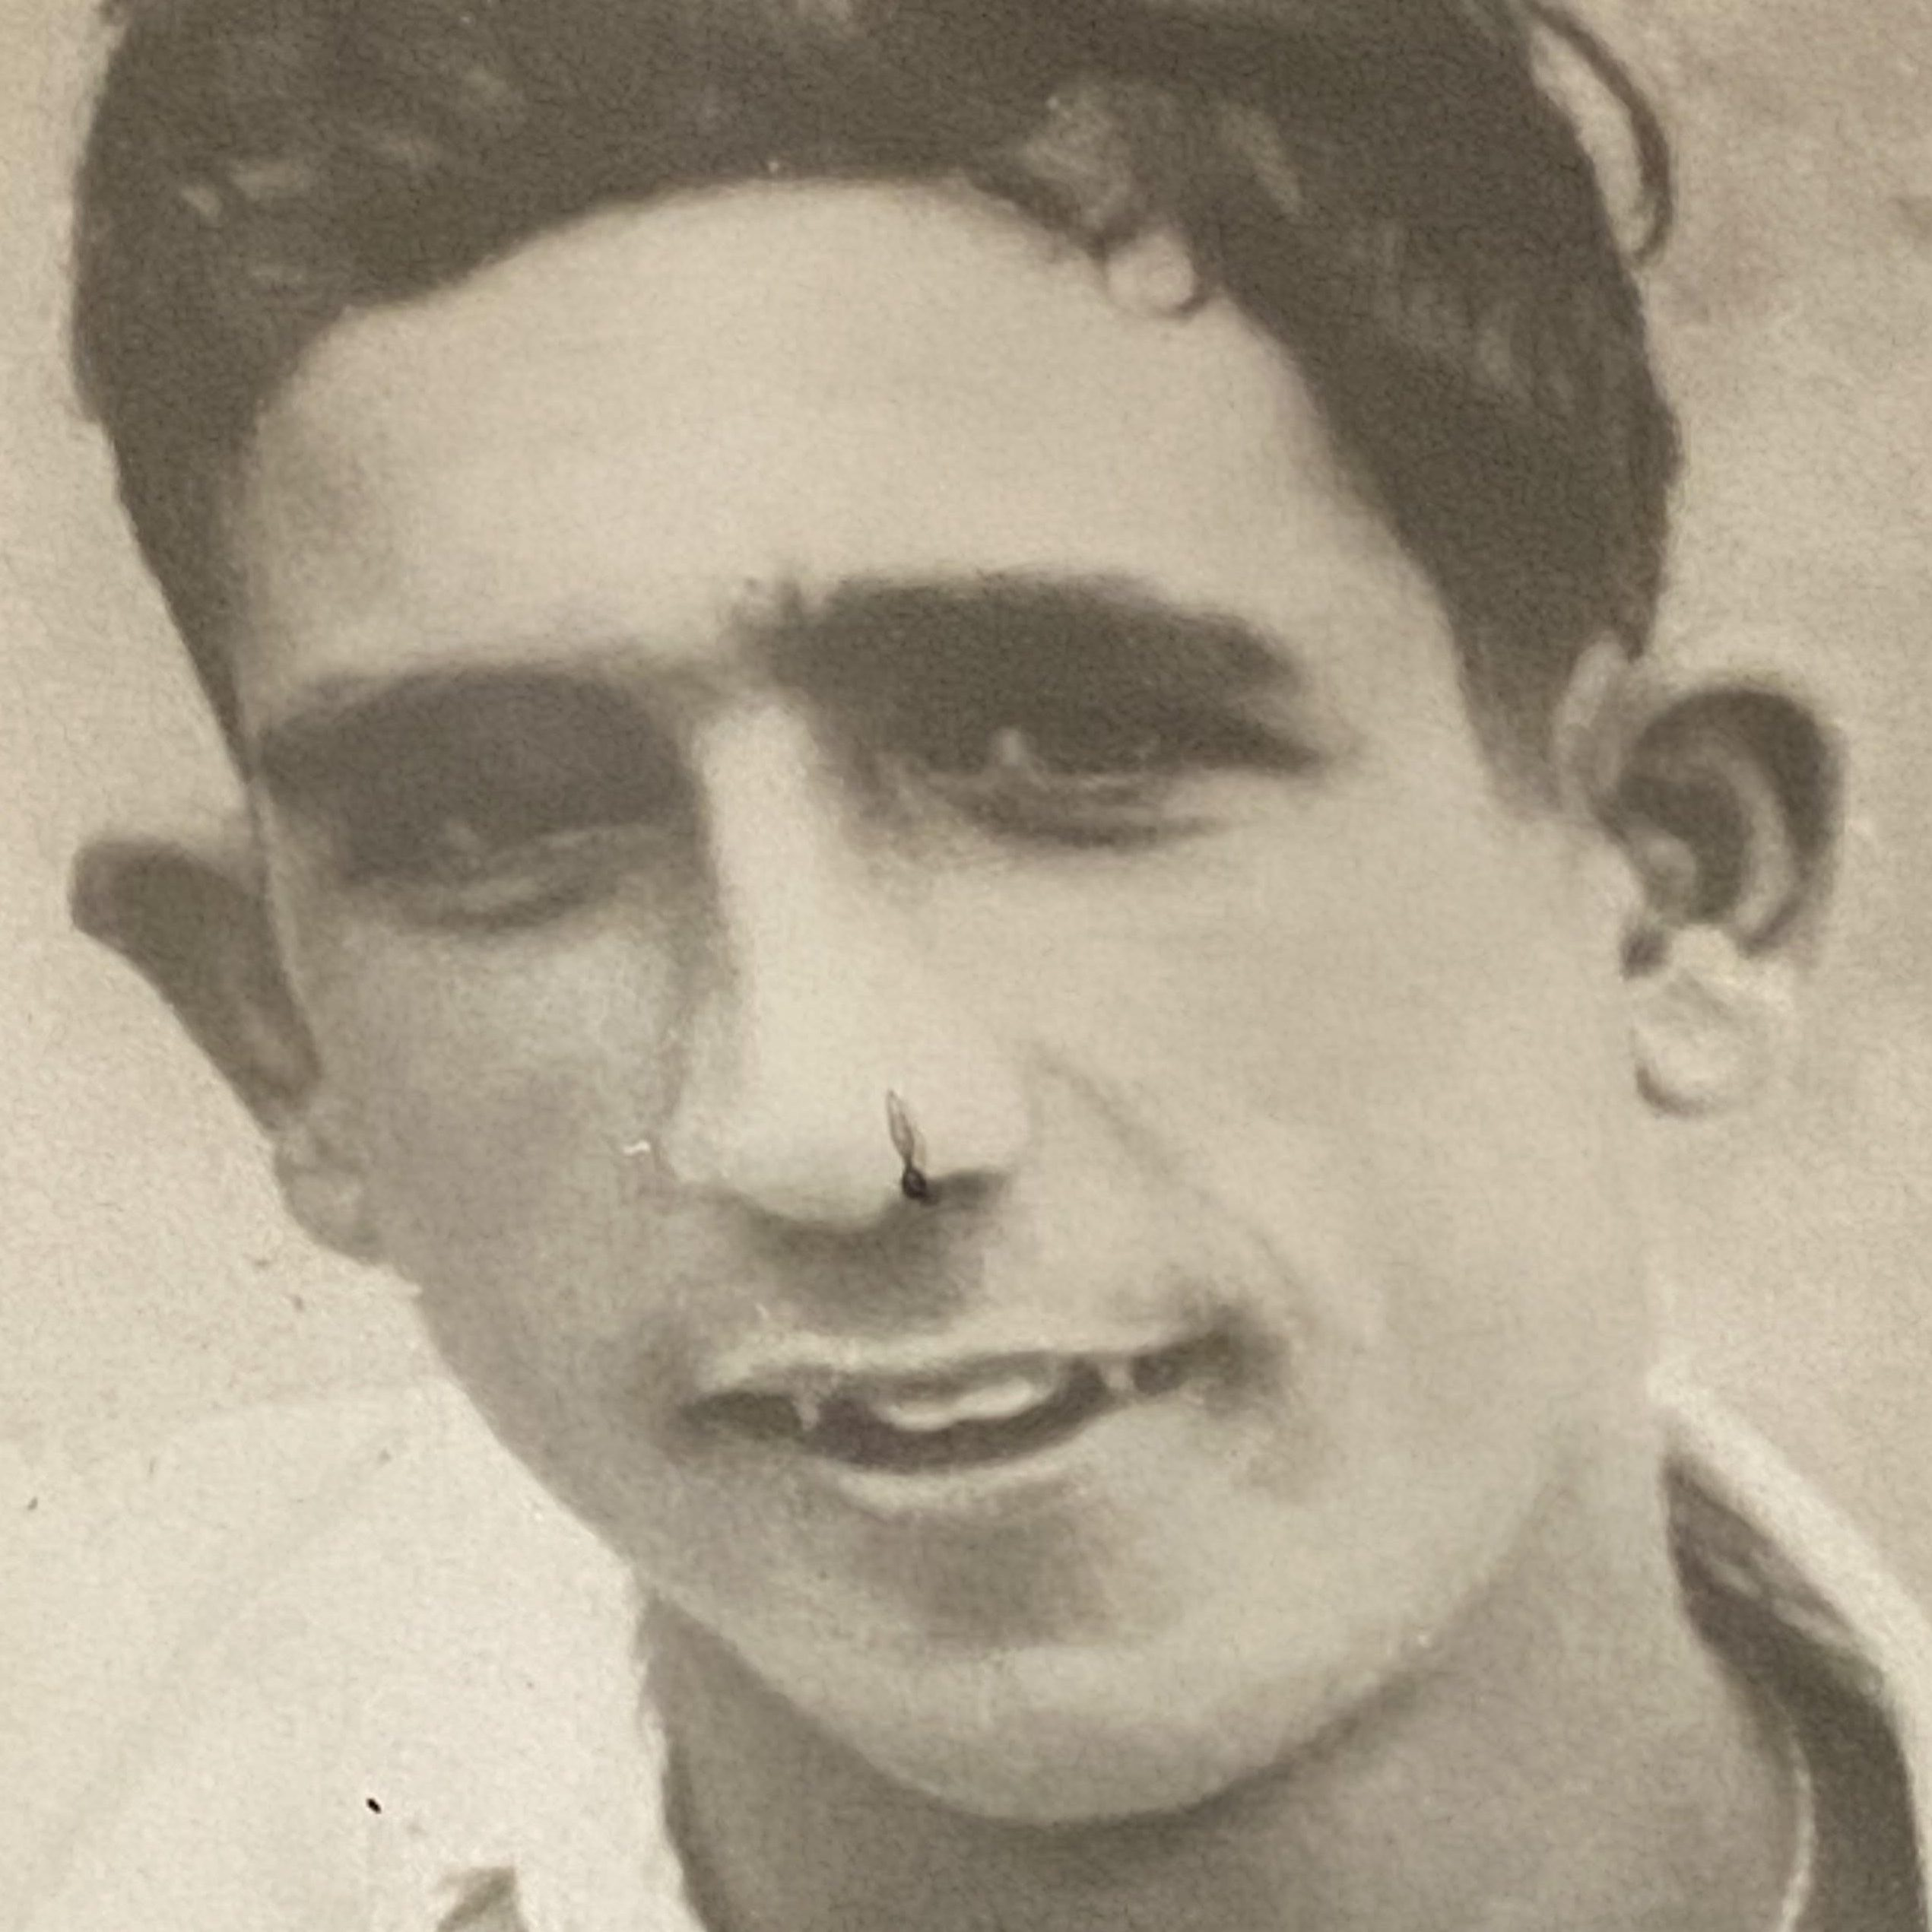 Sepia toned photo of Antonio Vieira.